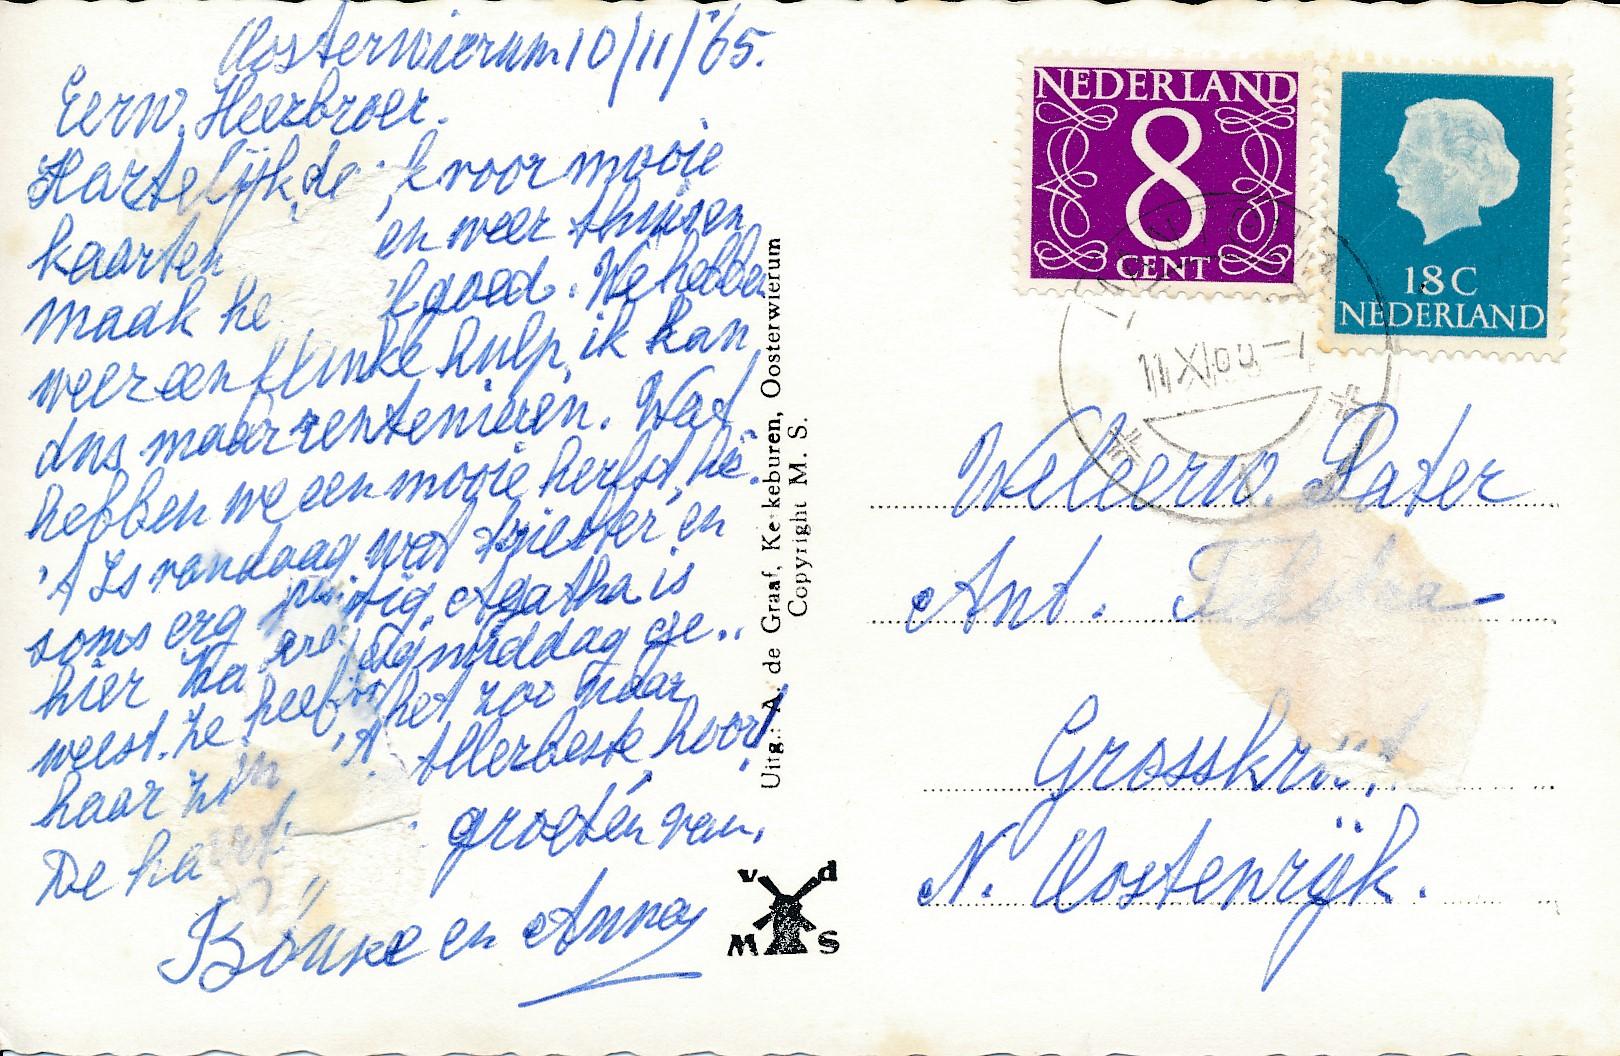 Fotoalbum Andre Kamsma, 203, ansichtkaart Easterwierrum, 10-11-1965